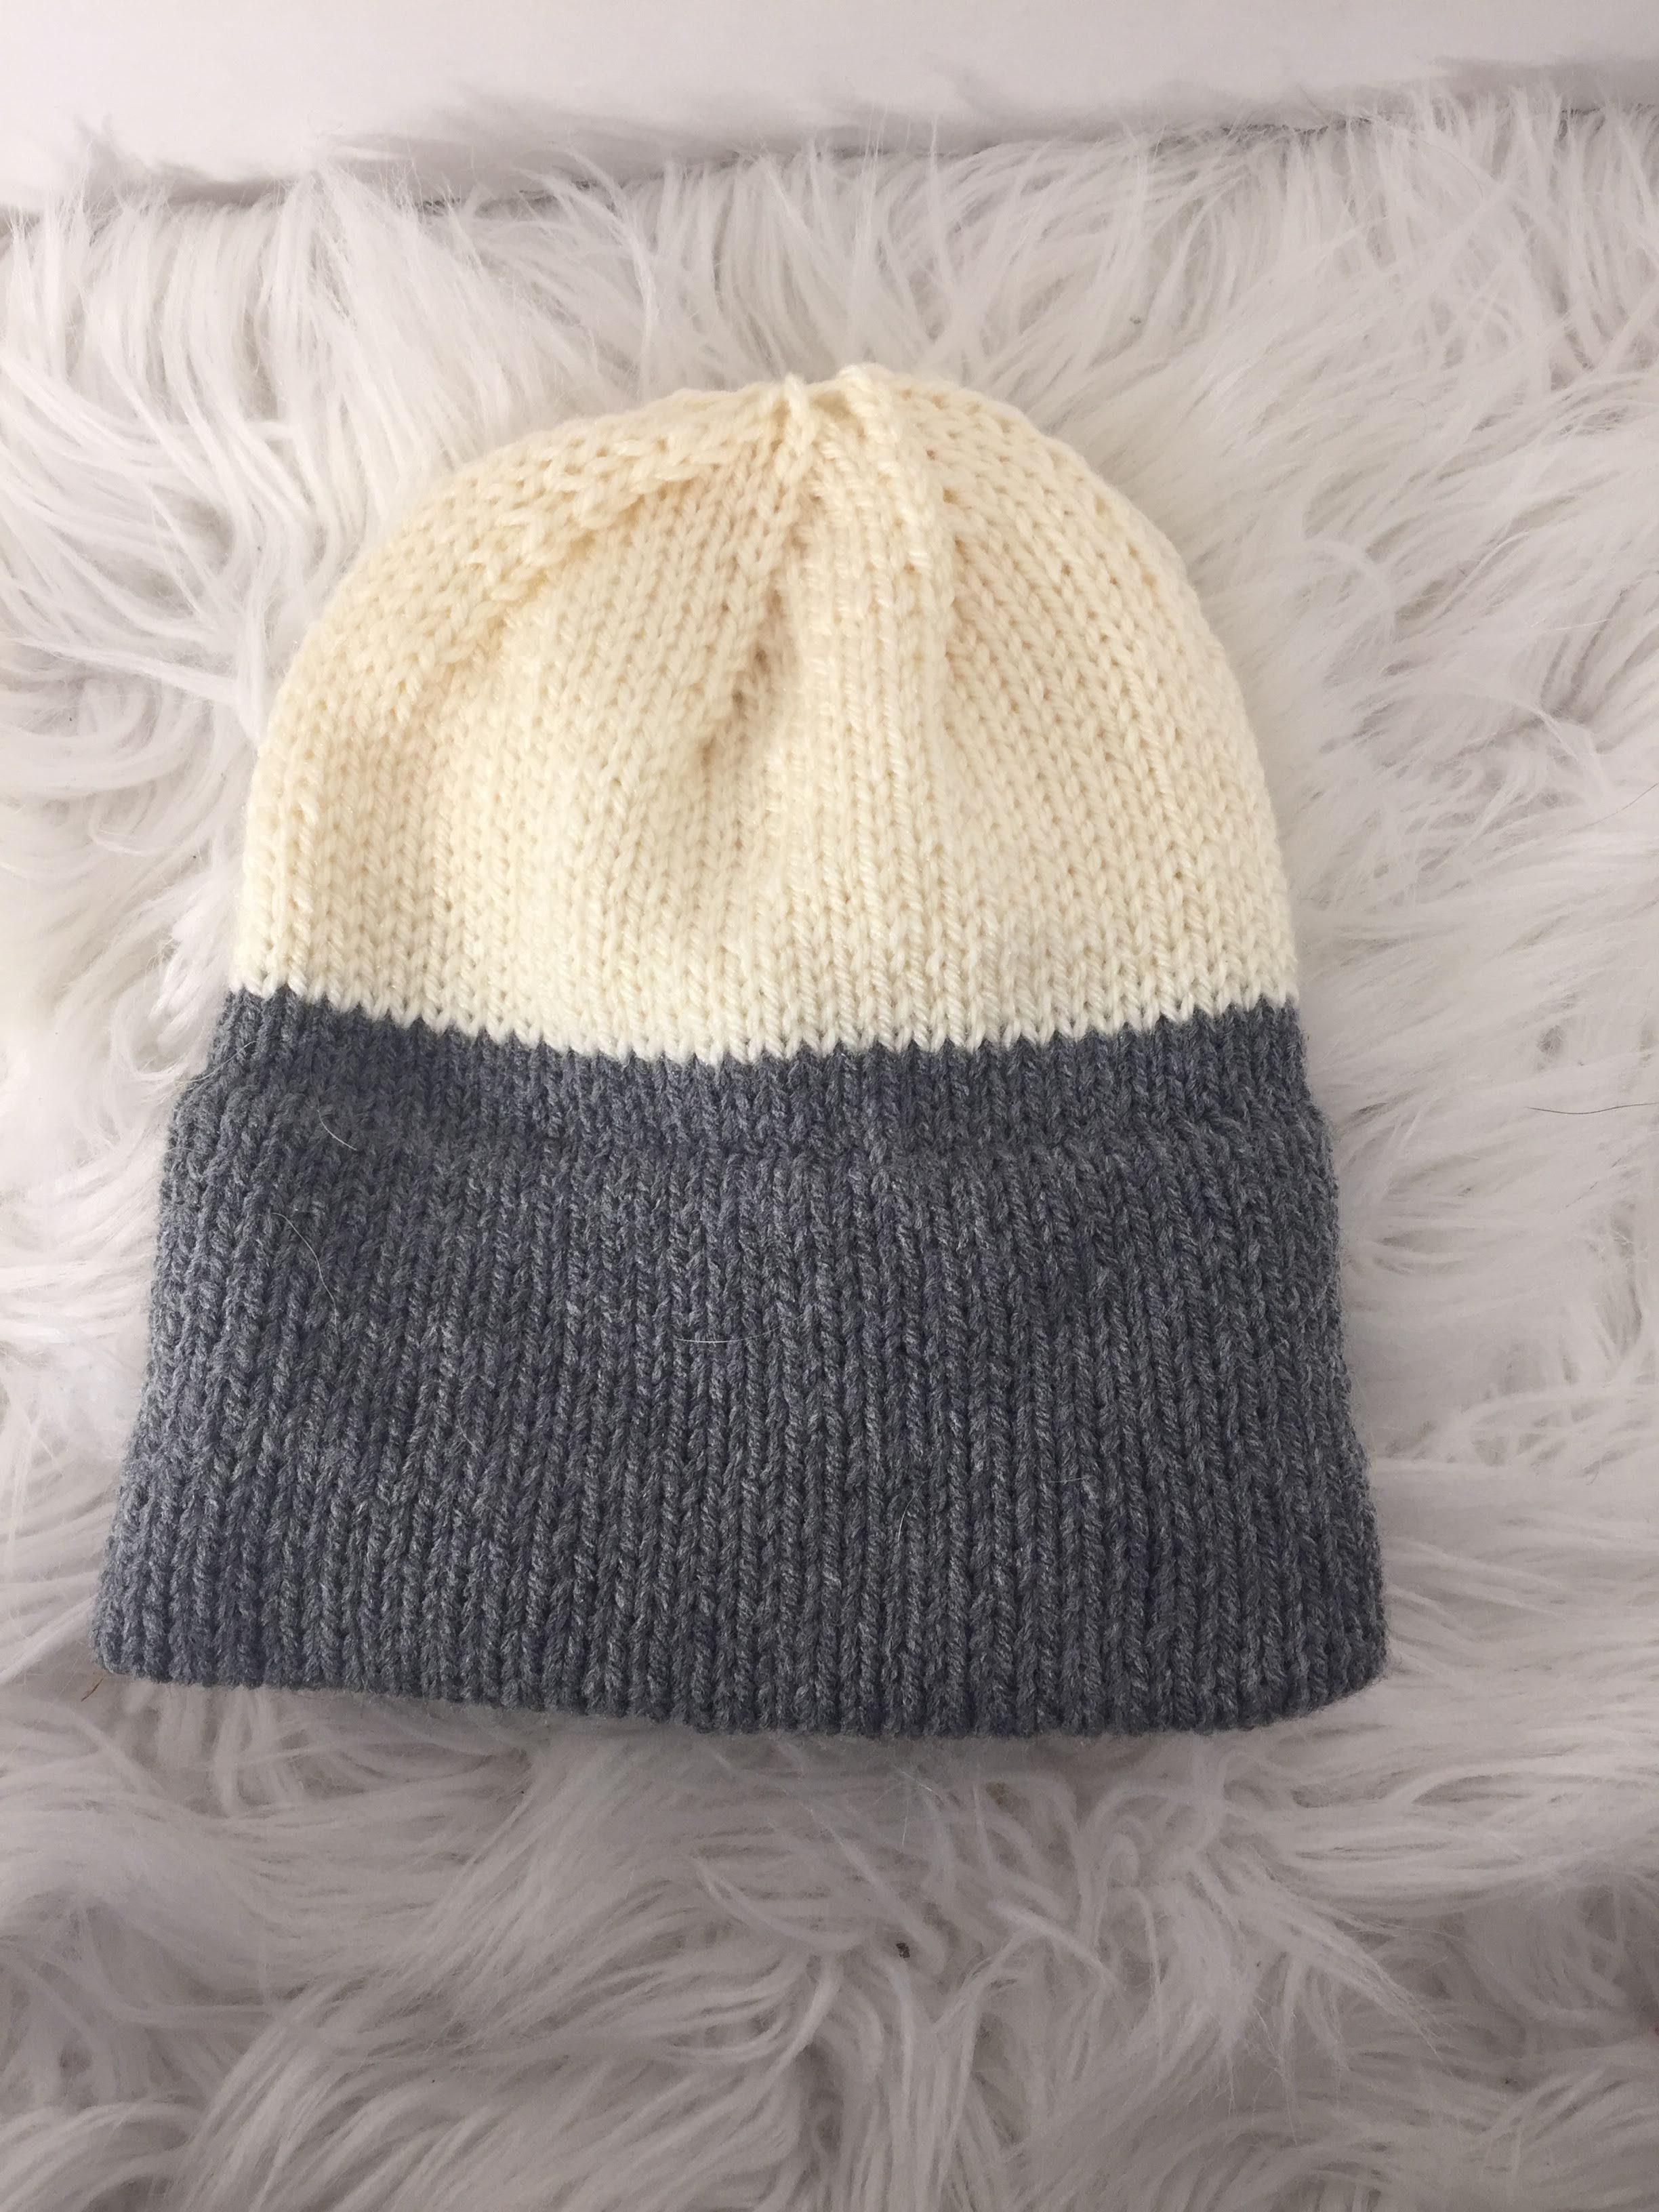 Double Knit Brim Hat